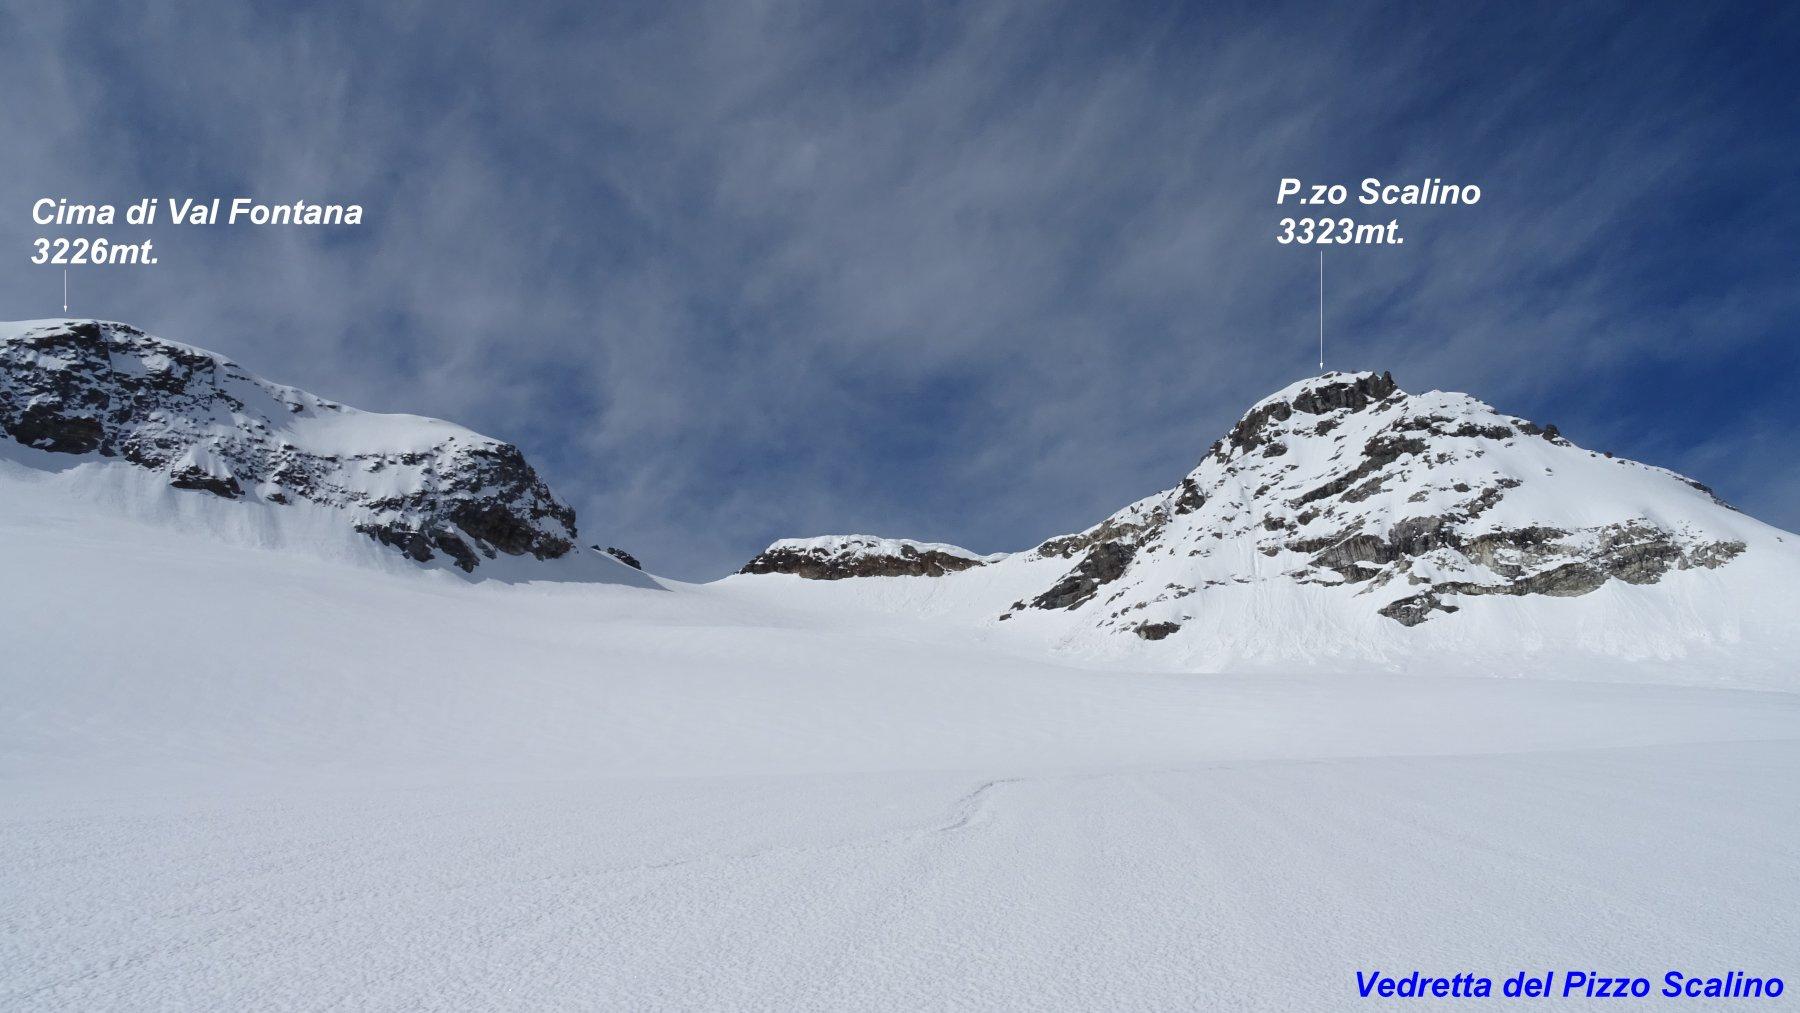 Mettiamo i piedi sul ghiacciaio traversando sotto il P.zo Scalino.